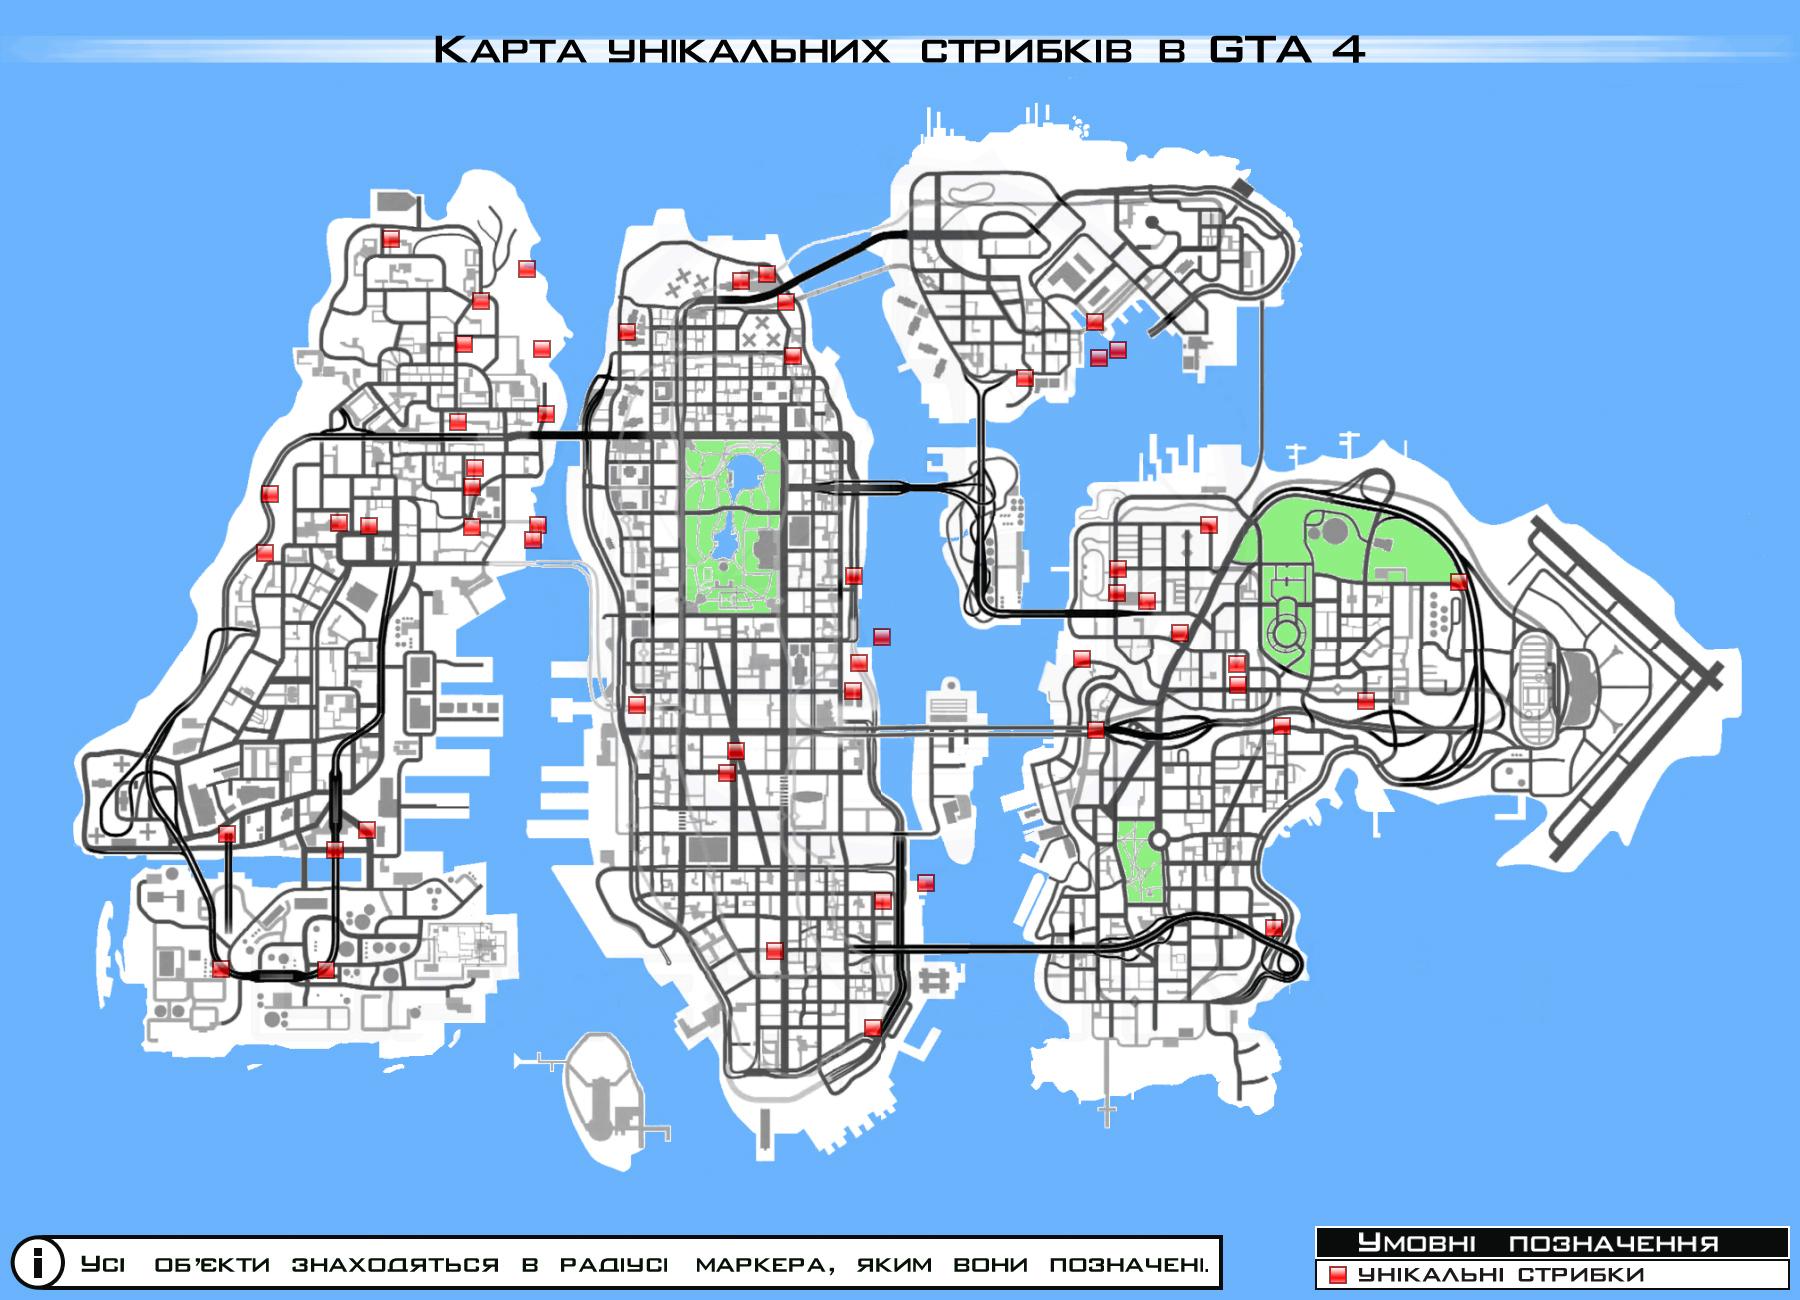 GTA - улюблена гра українською